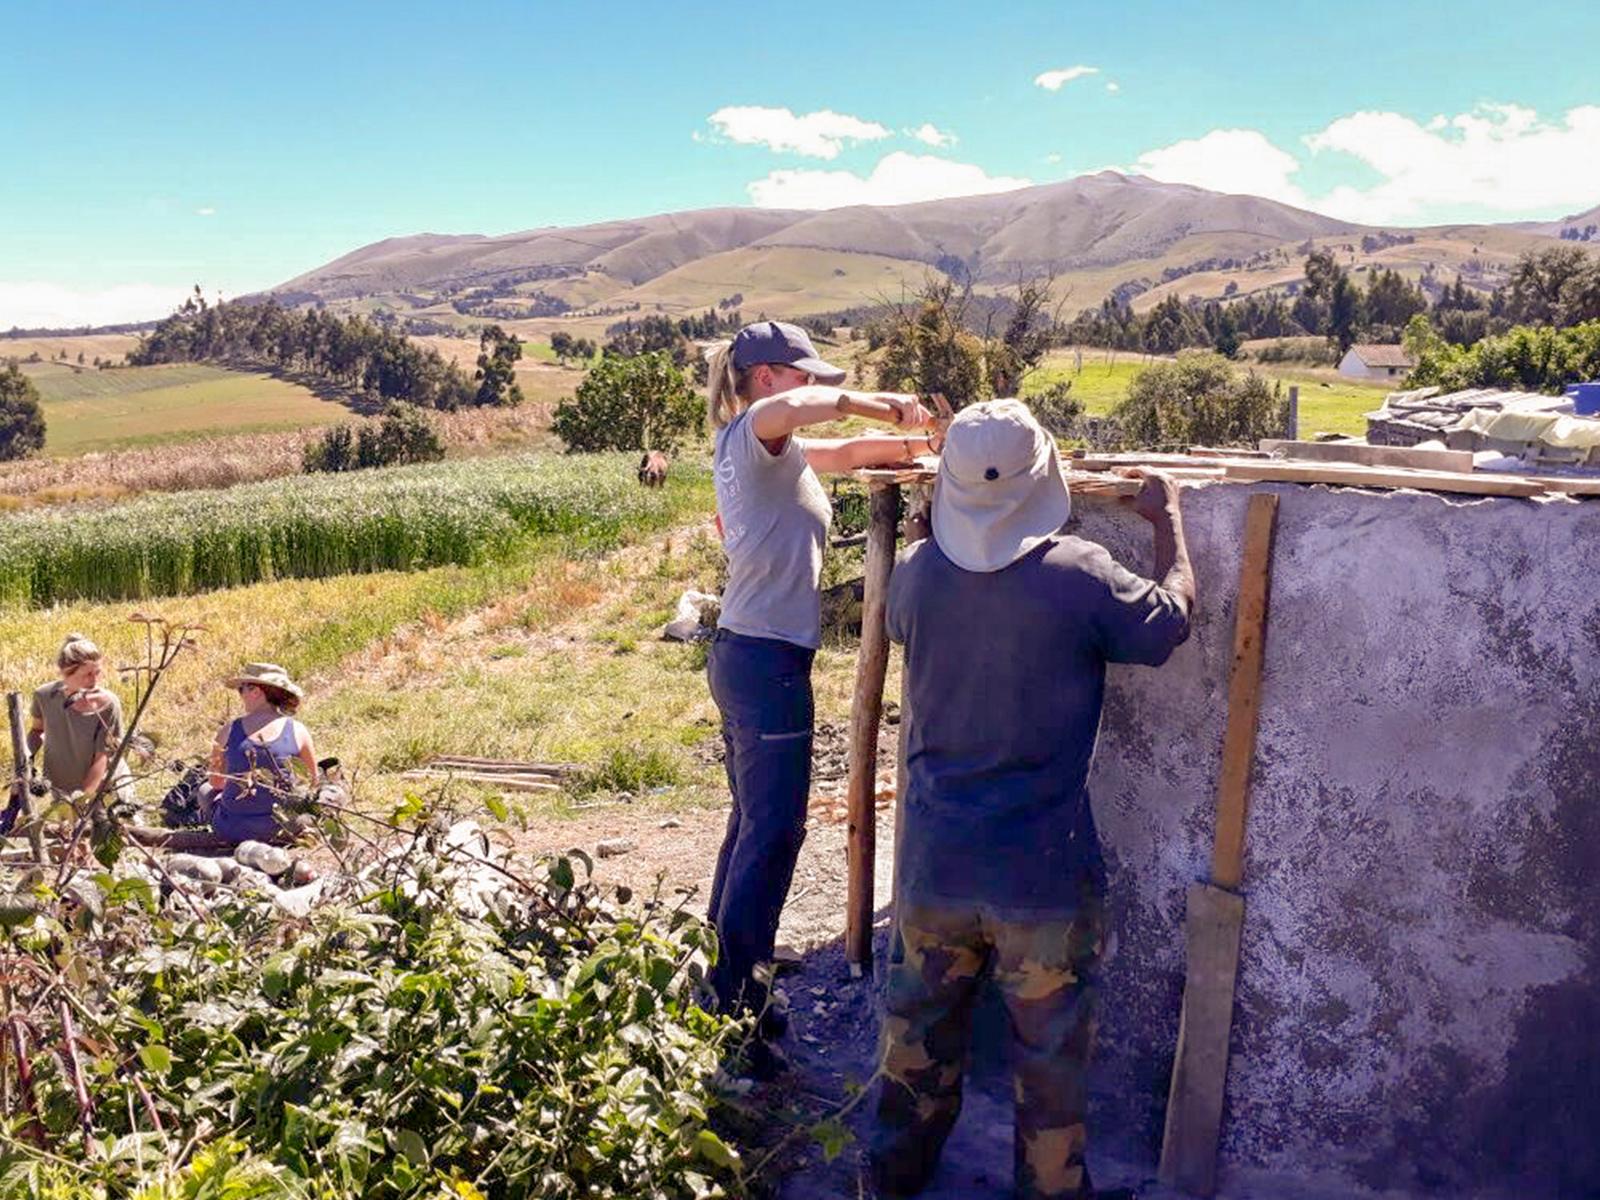 school_expedition_ecuador_rws_project_work_building